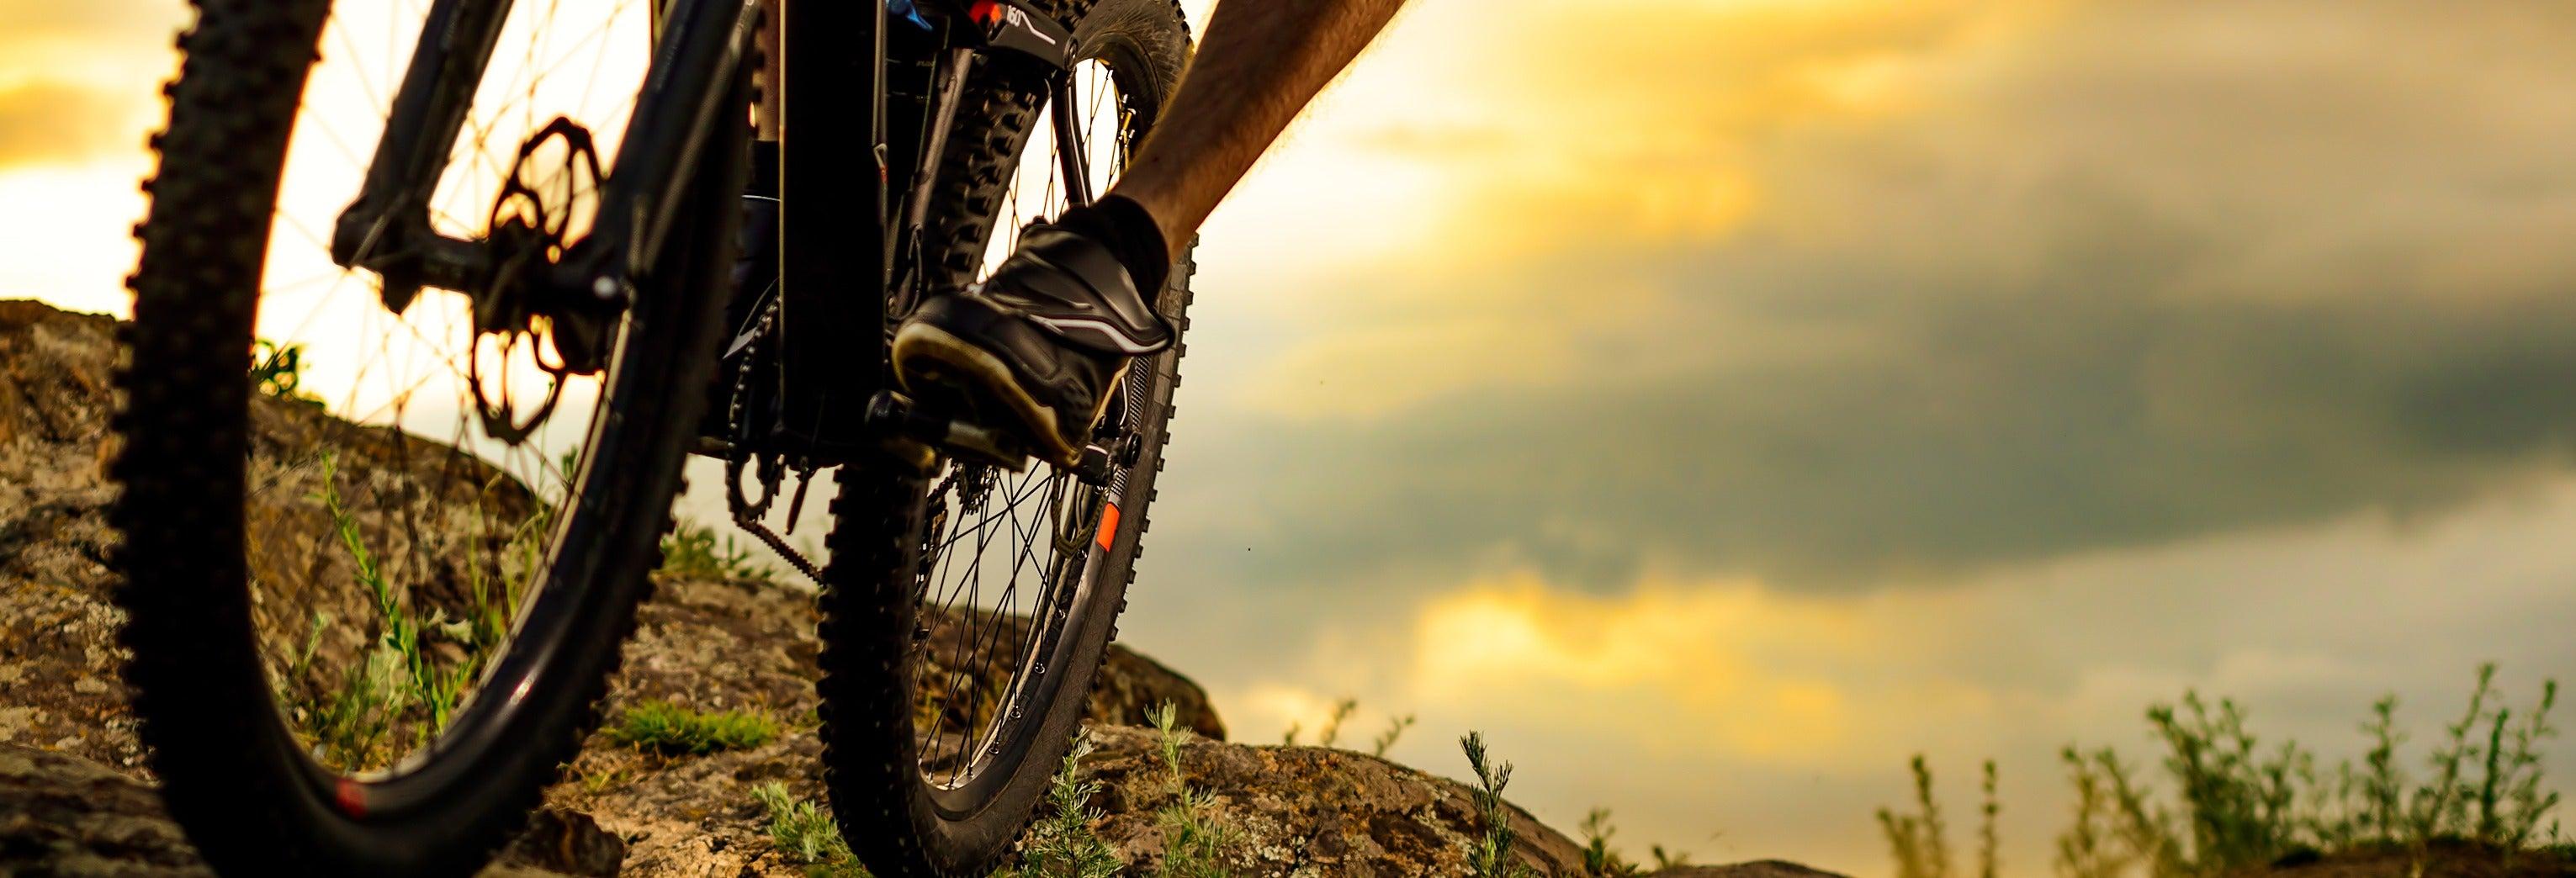 Tour de bicicleta elétrica pela Costa dos Deuses